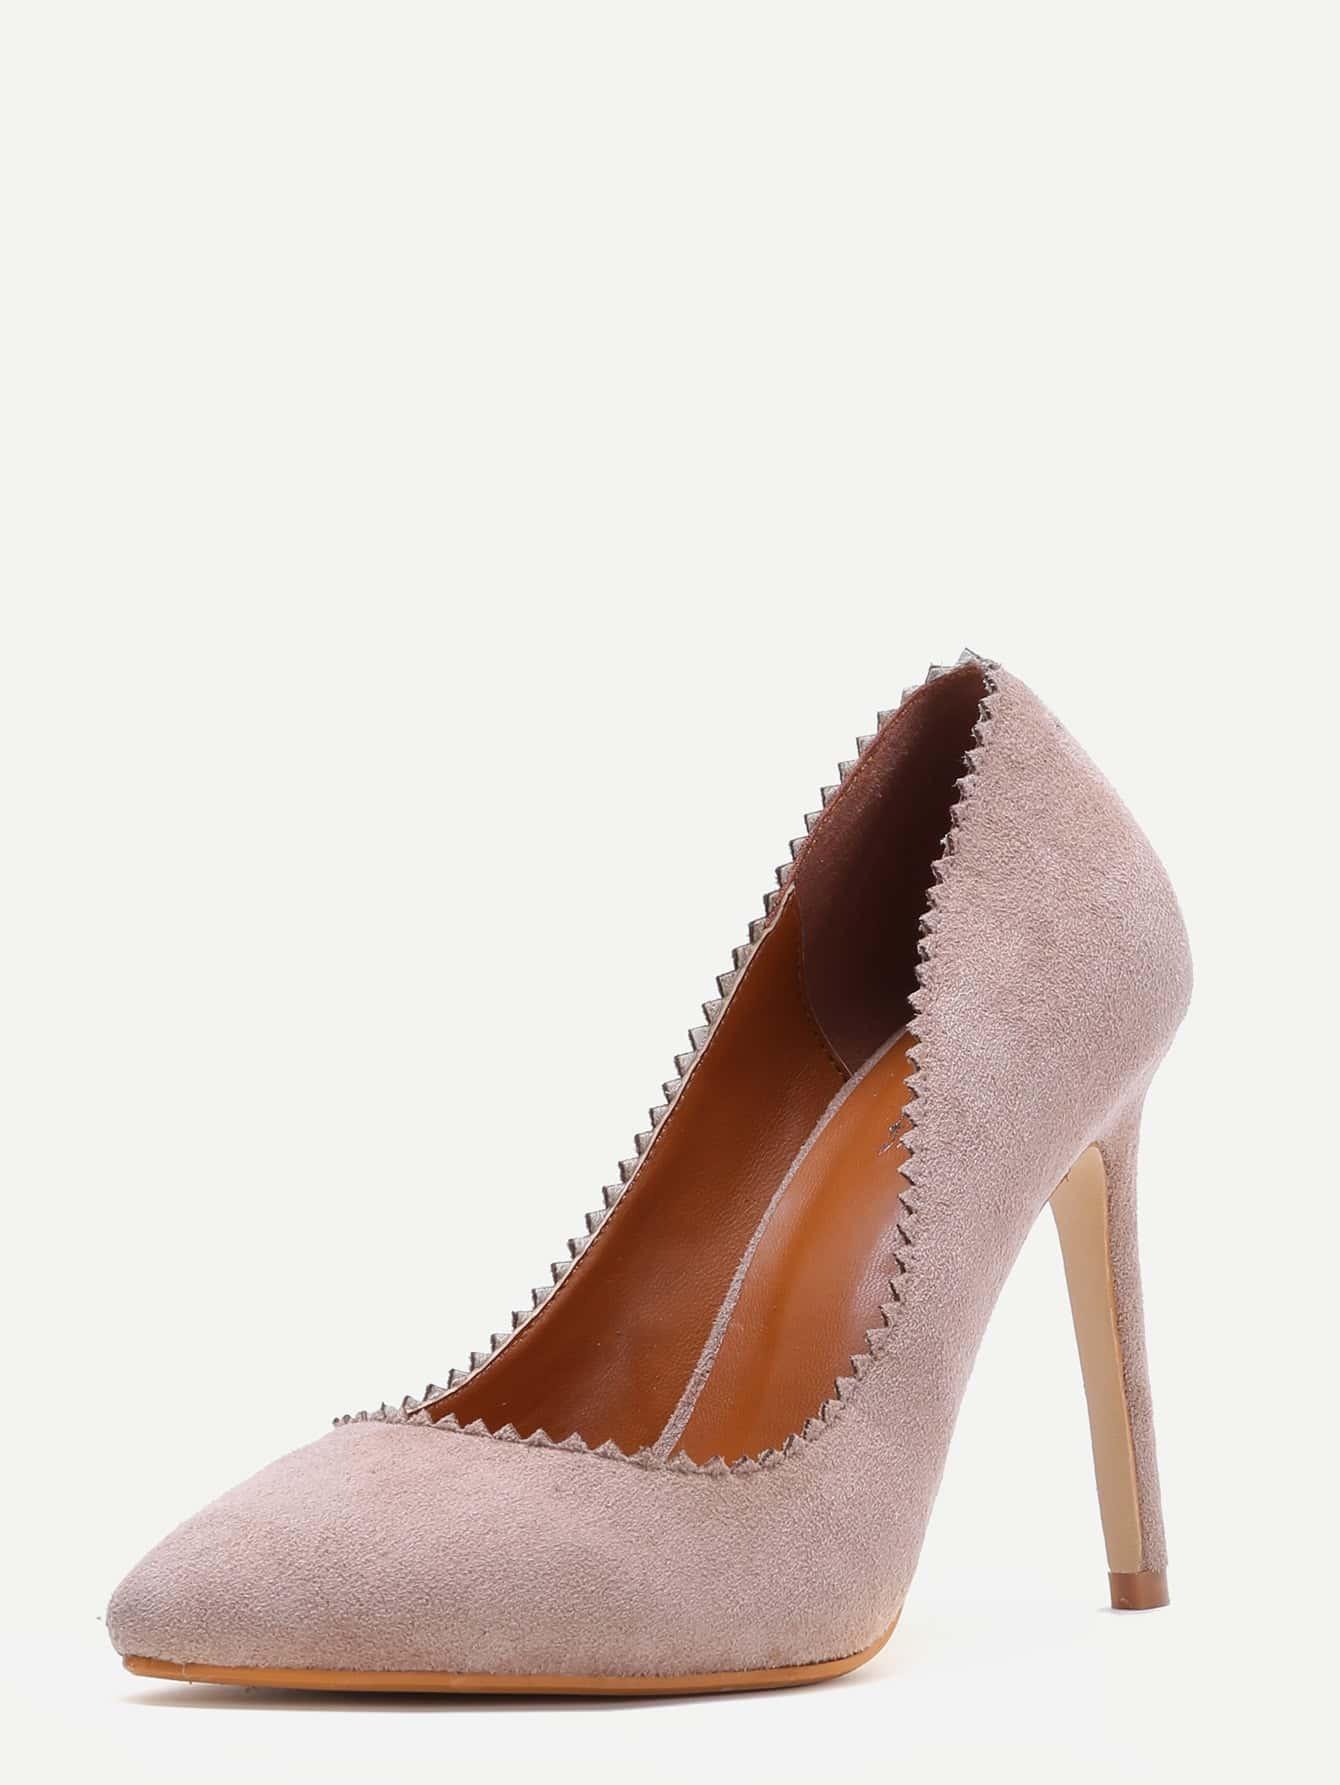 shoes170104809_2